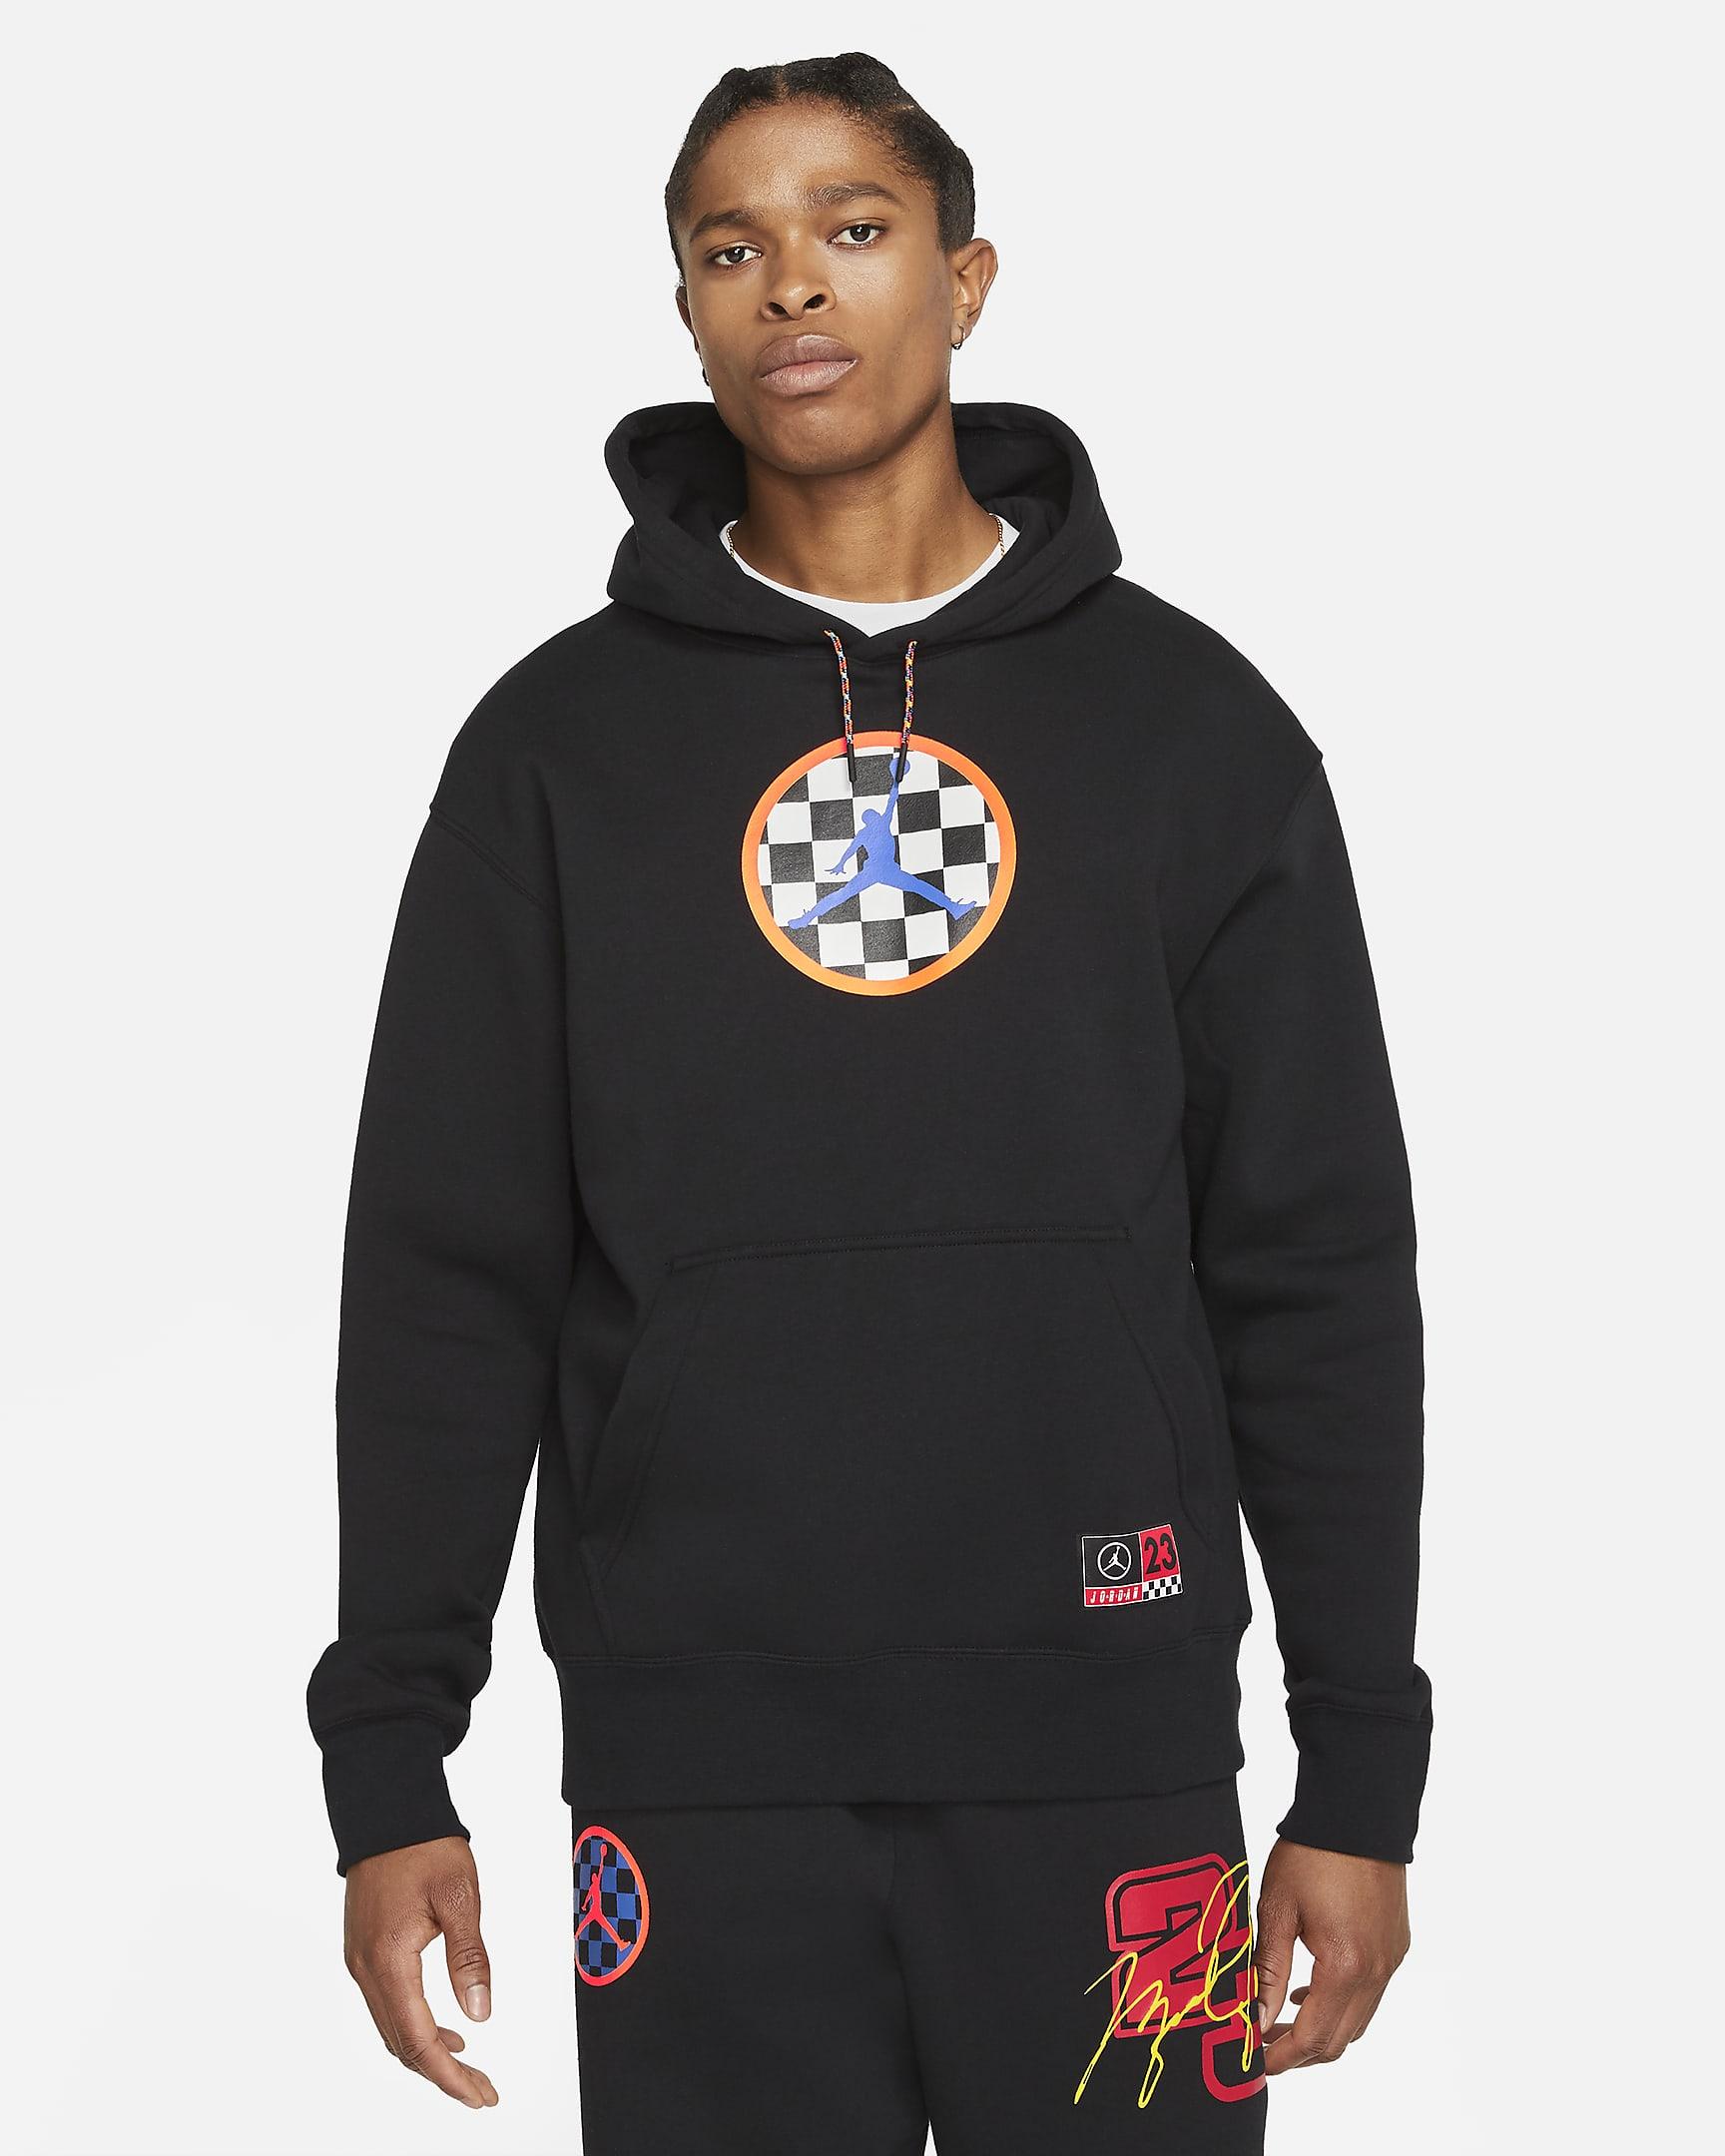 jordan-sport-dna-mens-fleece-pullover-hoodie-S74s45